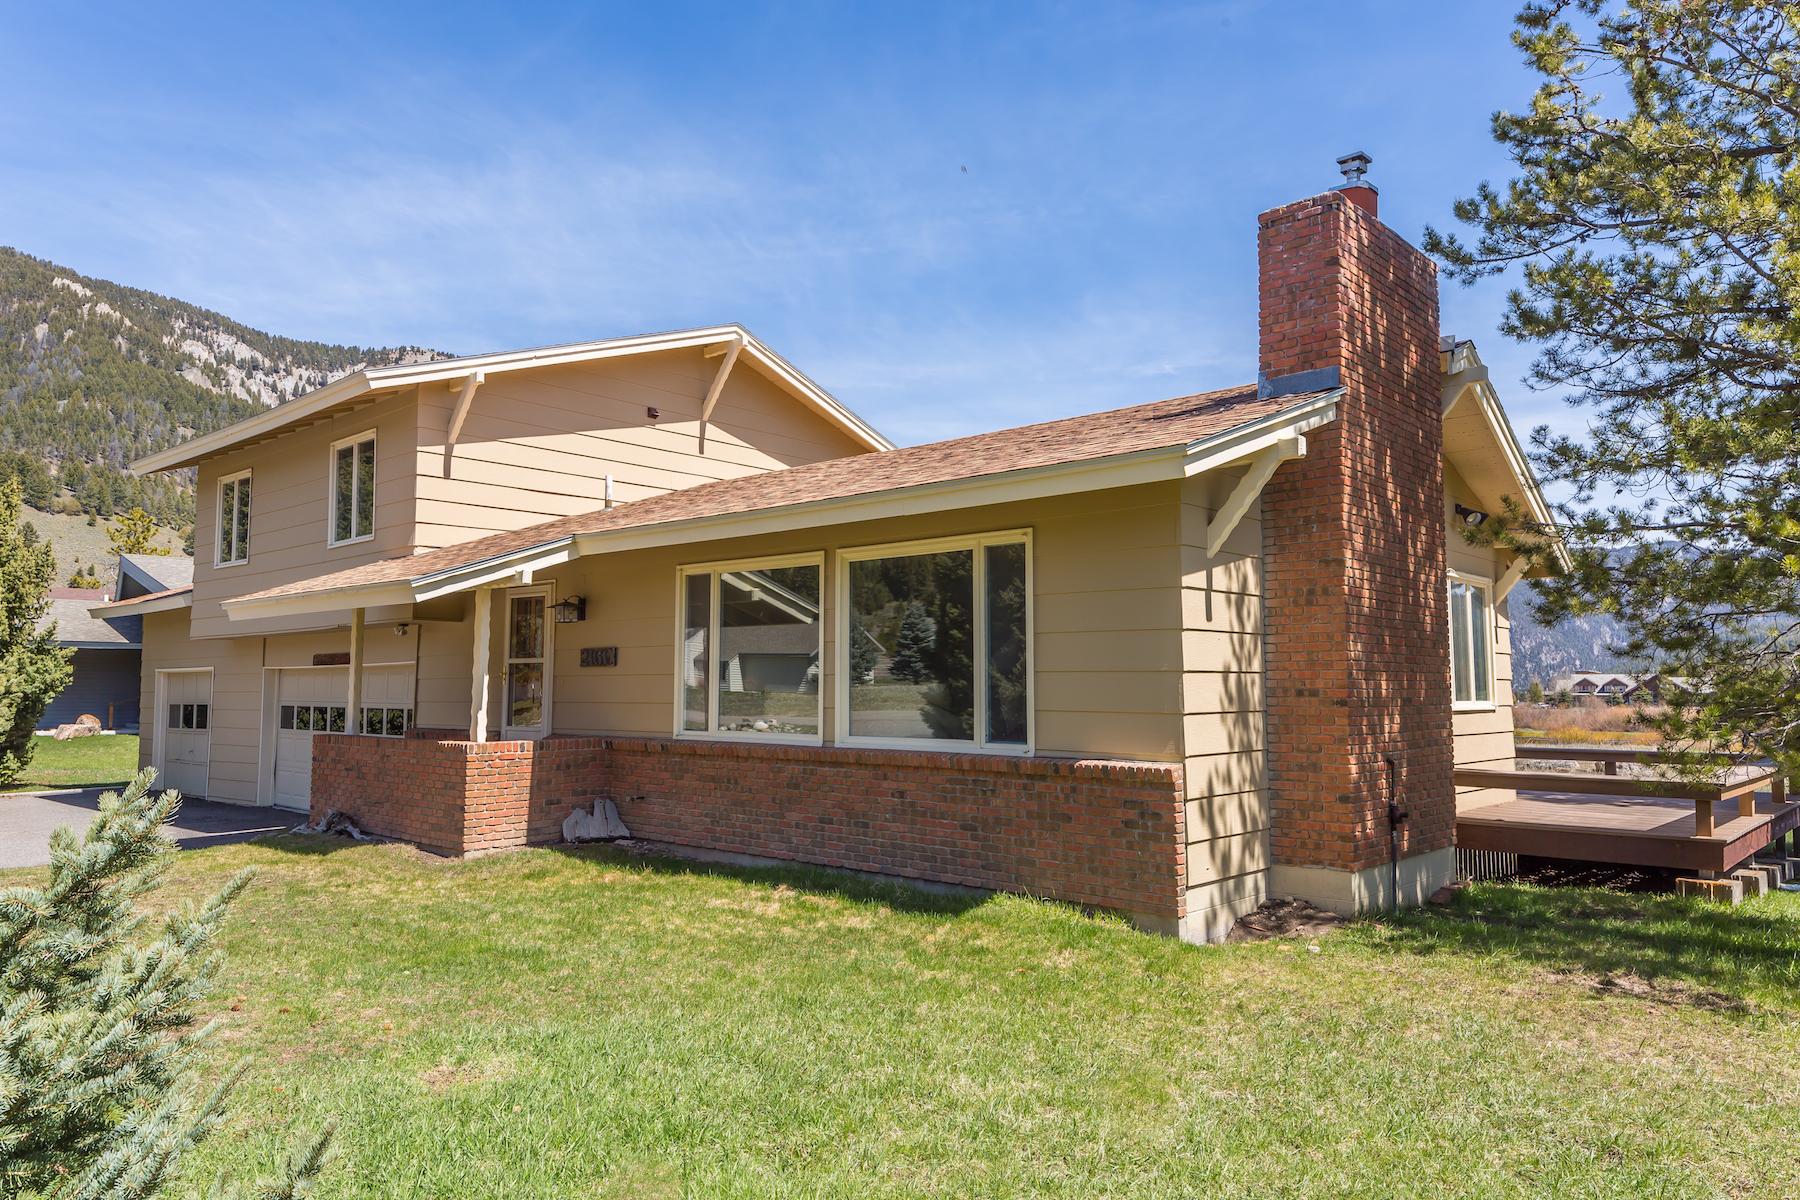 Maison unifamiliale pour l Vente à Golf Course Home 2160 Spotted Elk Big Sky, Montana, 59716 États-Unis